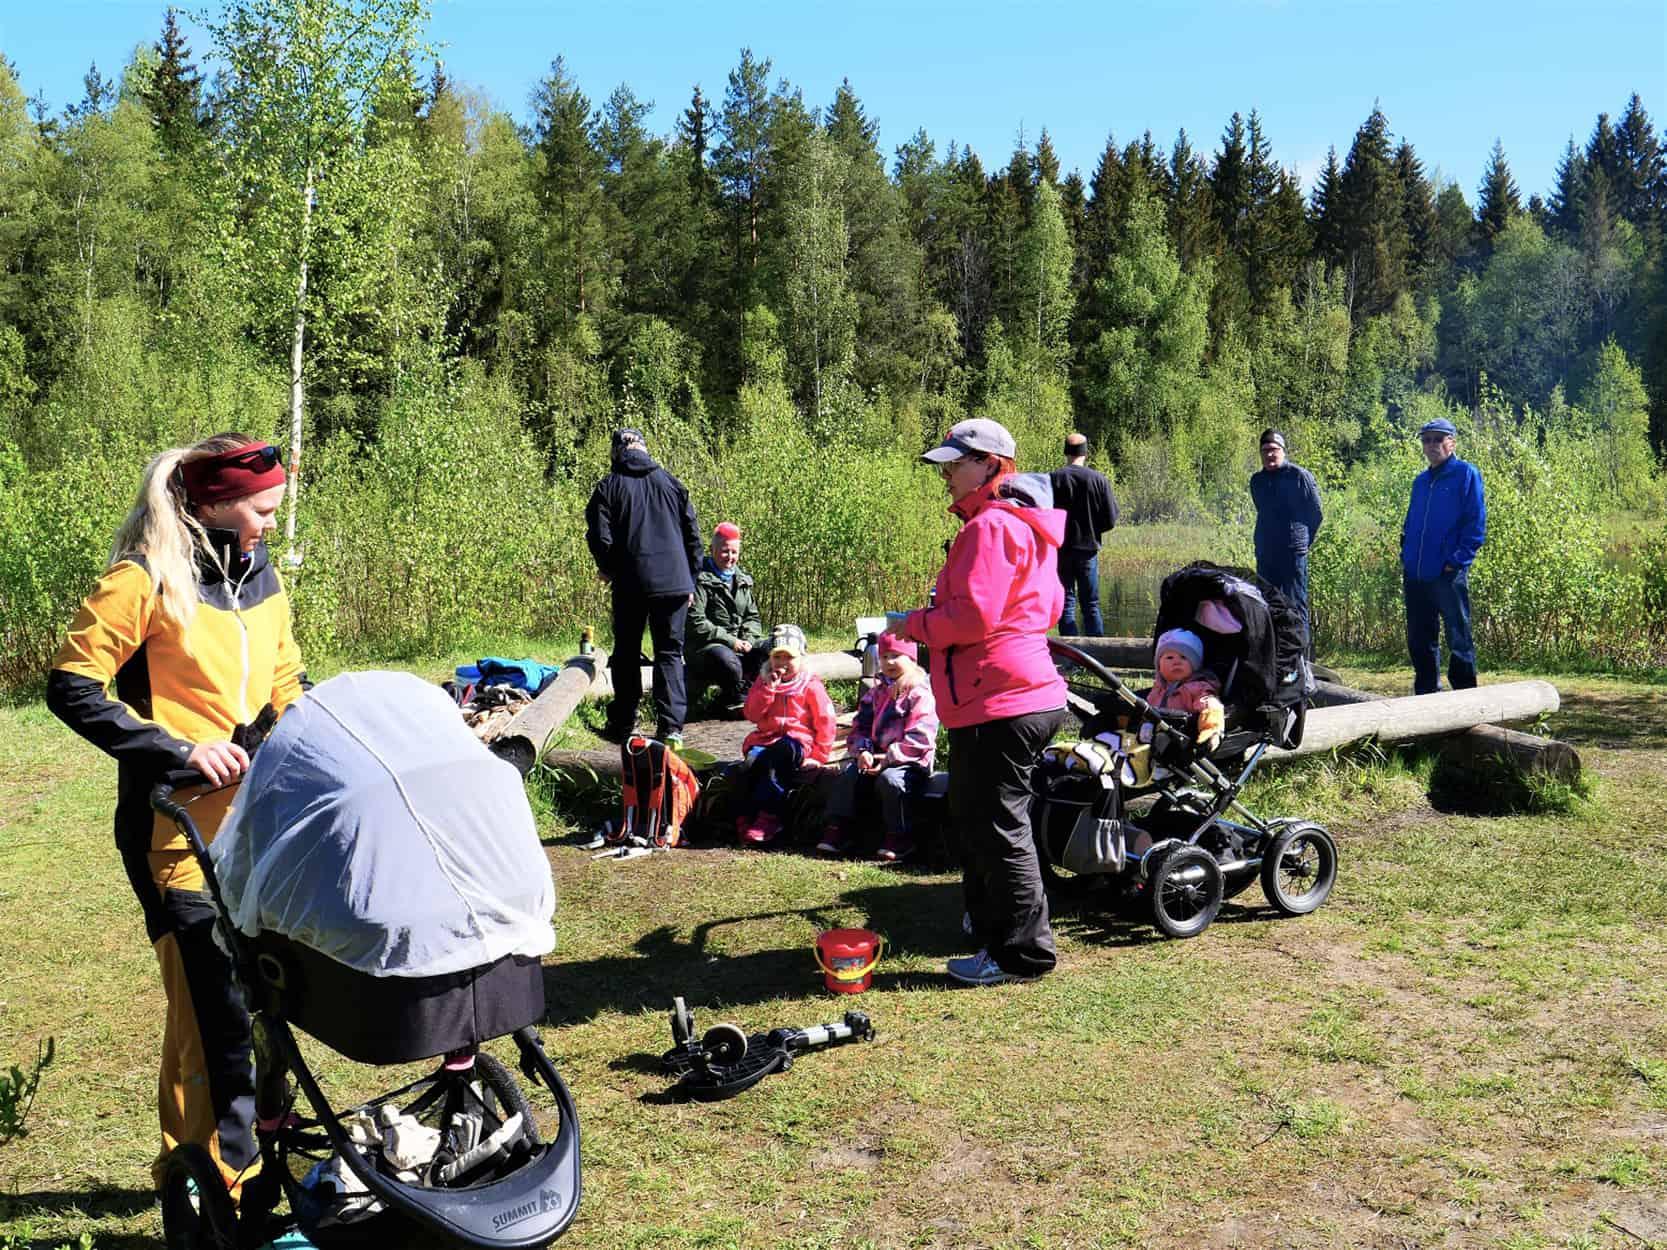 Kuva nuotiopaikalta, jossa on etätyöläisiä ja retkeilijöitä. Etualalla nainen lastenvaunujen kanssa.